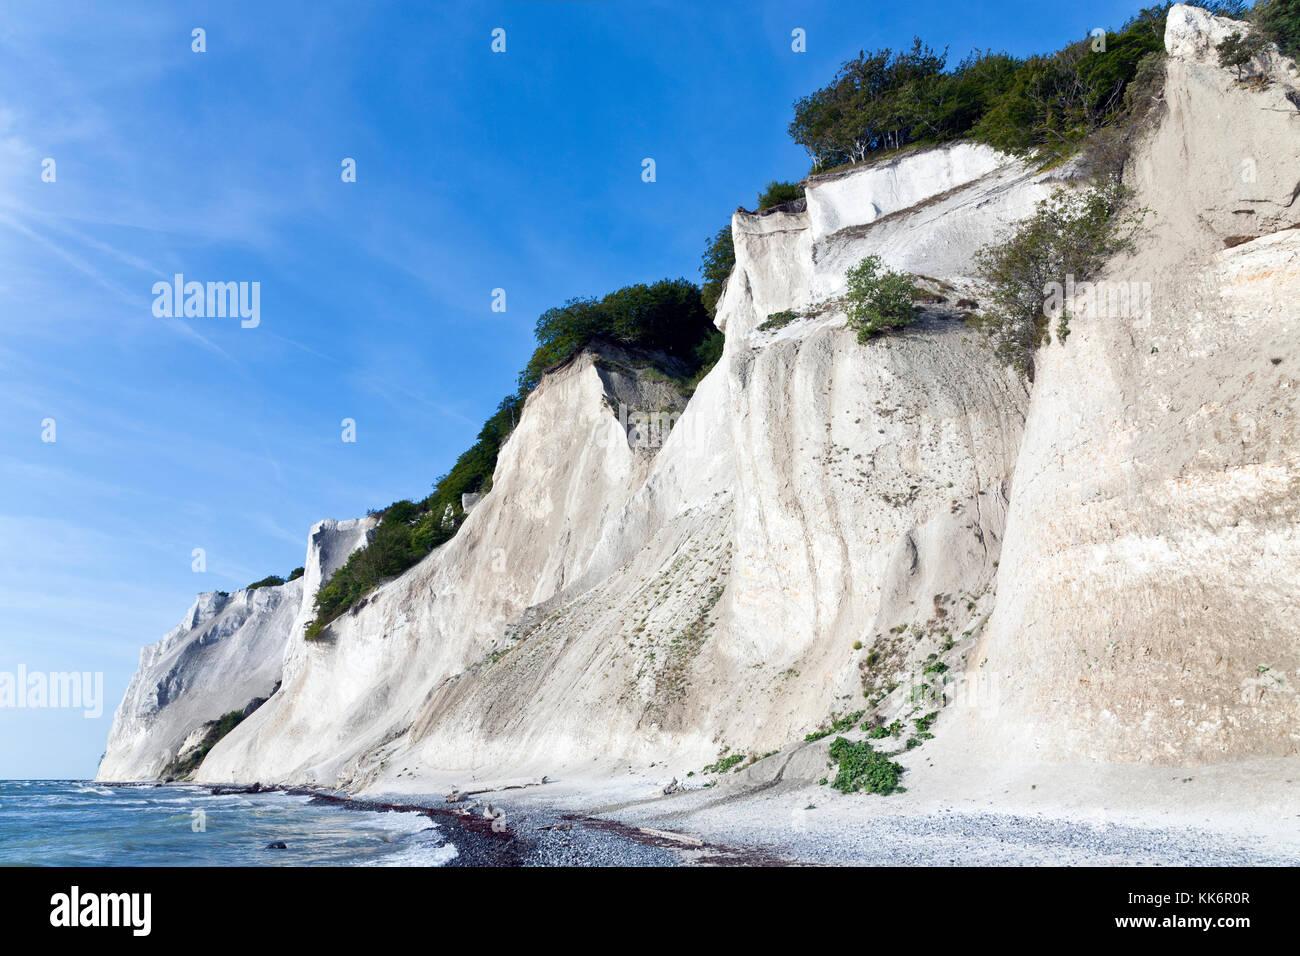 Møns Klint, les falaises de craie jusqu'à 120 m au-dessus de la mer sur la côte de la mer Baltique orientale de l'île de Møn au sud-est de Sjælland, Danemark, Møn ou Moen. Banque D'Images